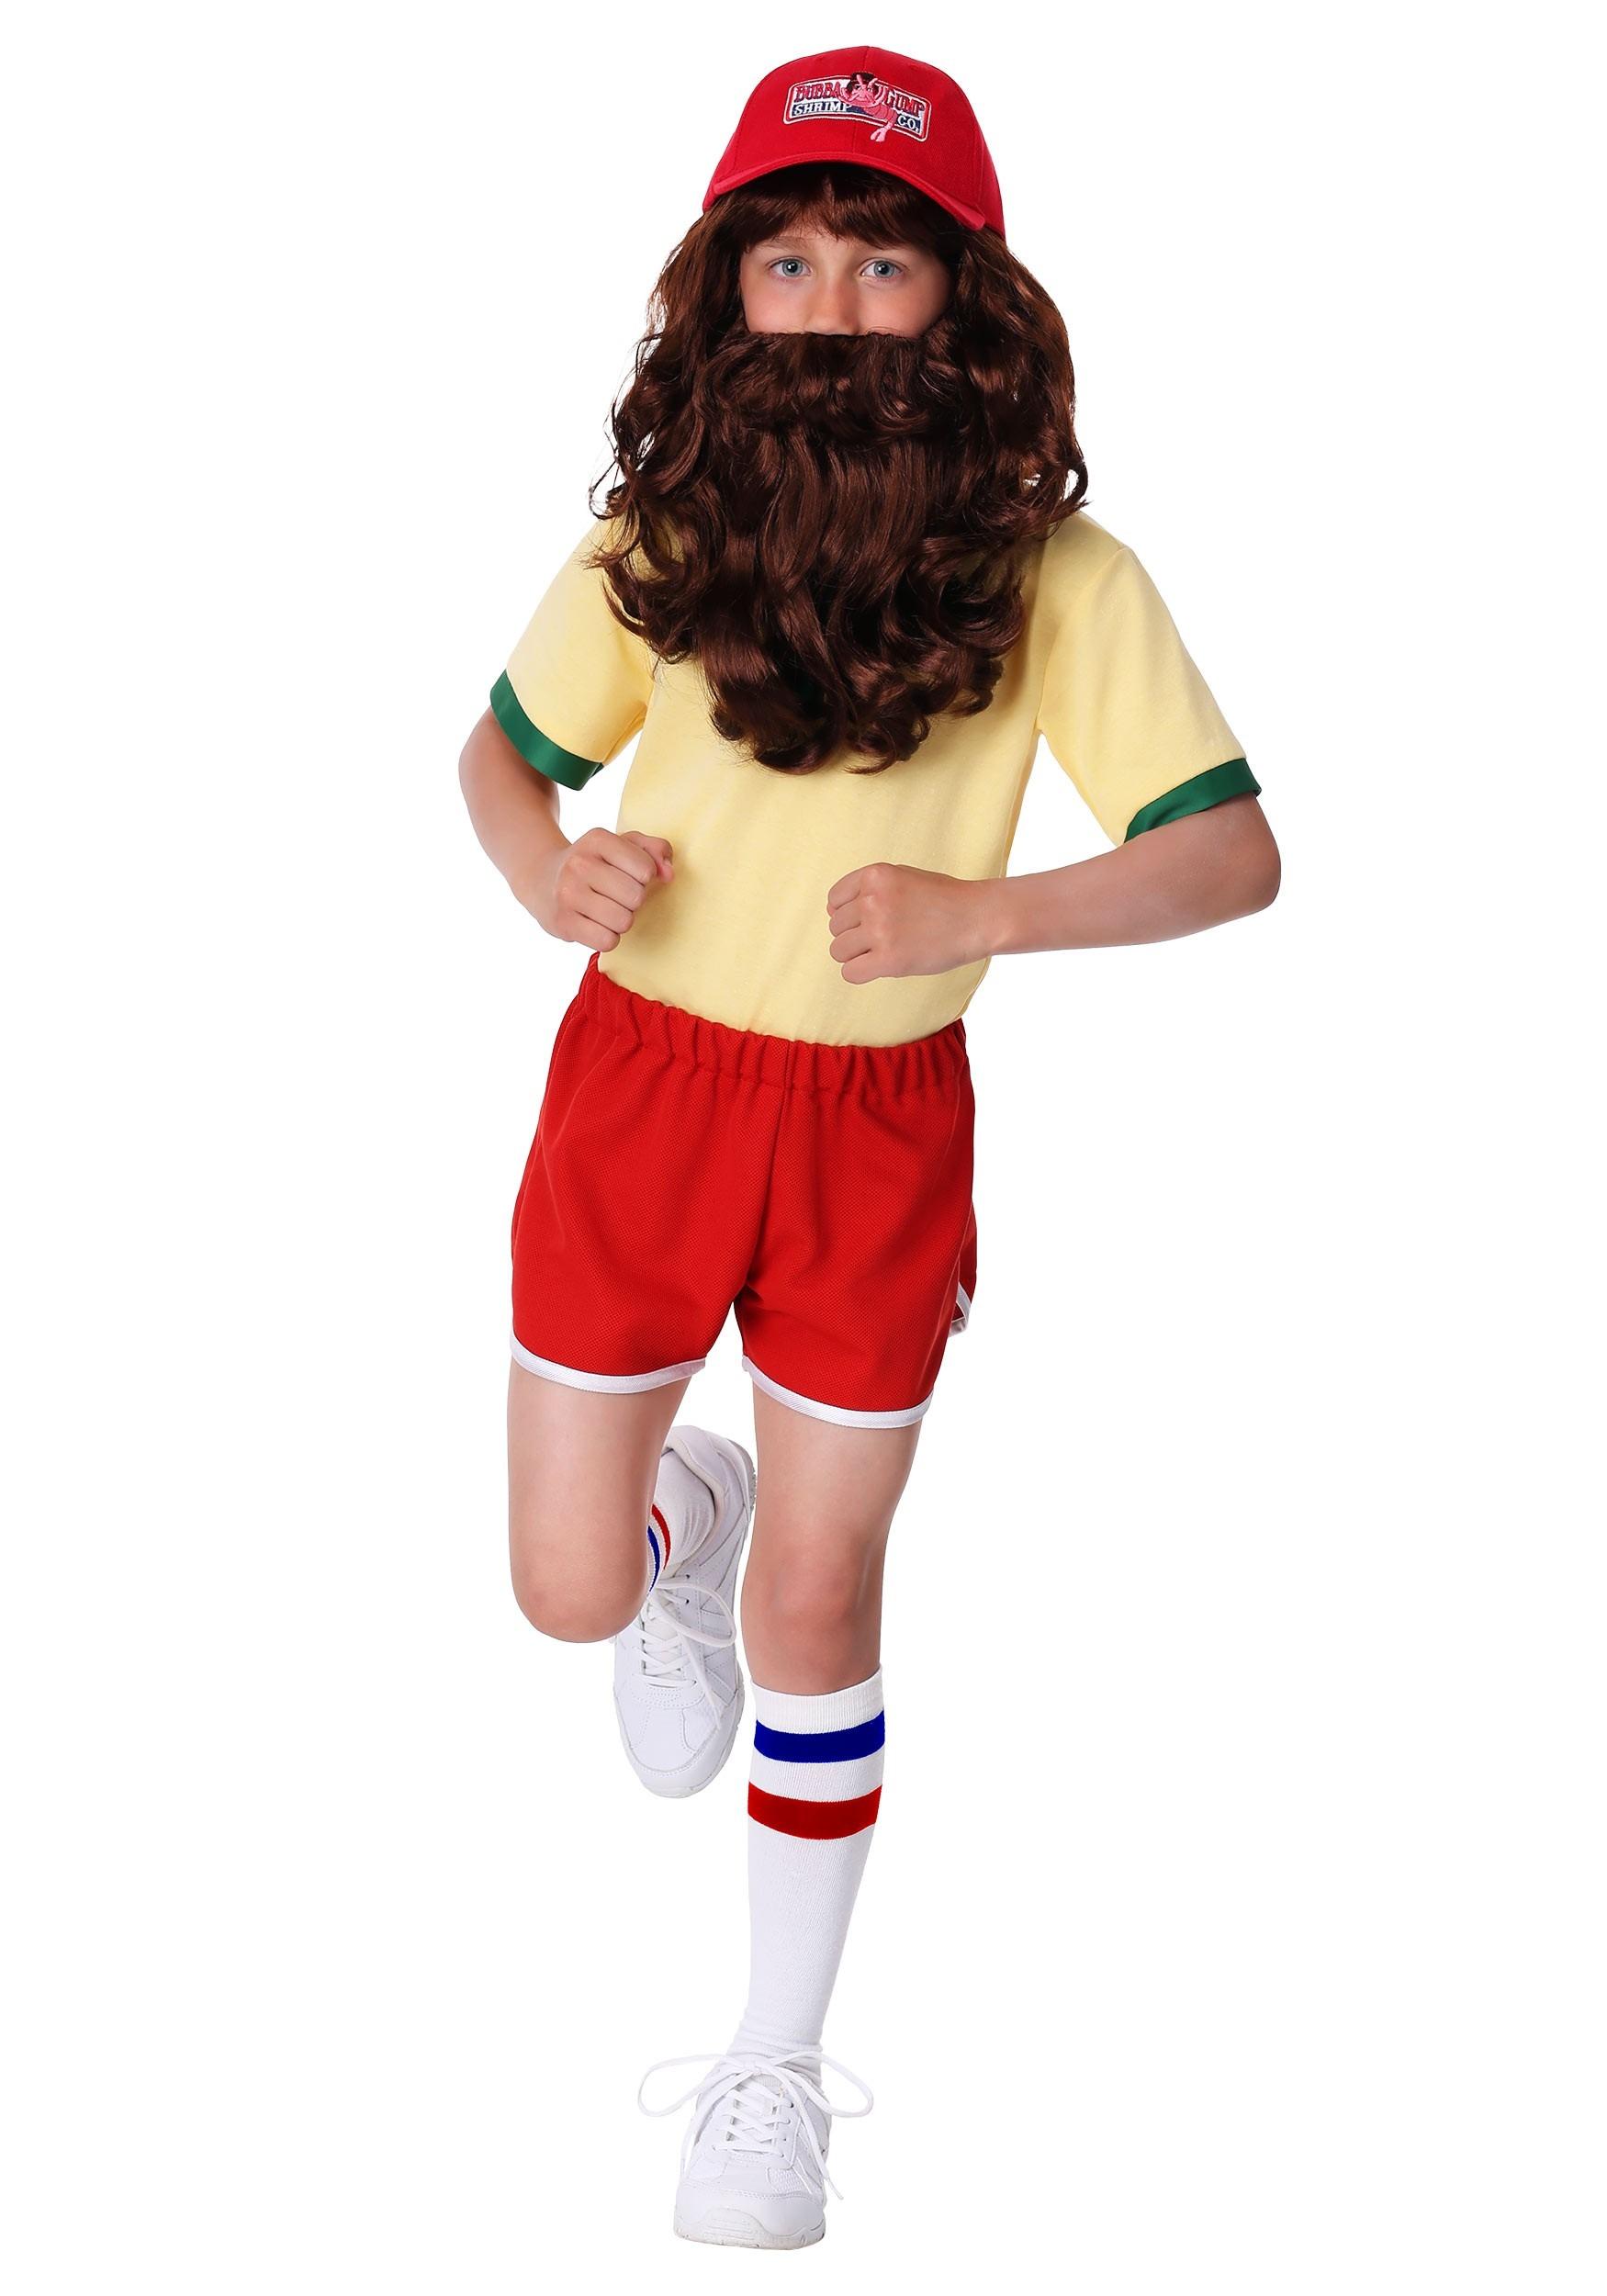 Forrest Gump Running Costume for Boys